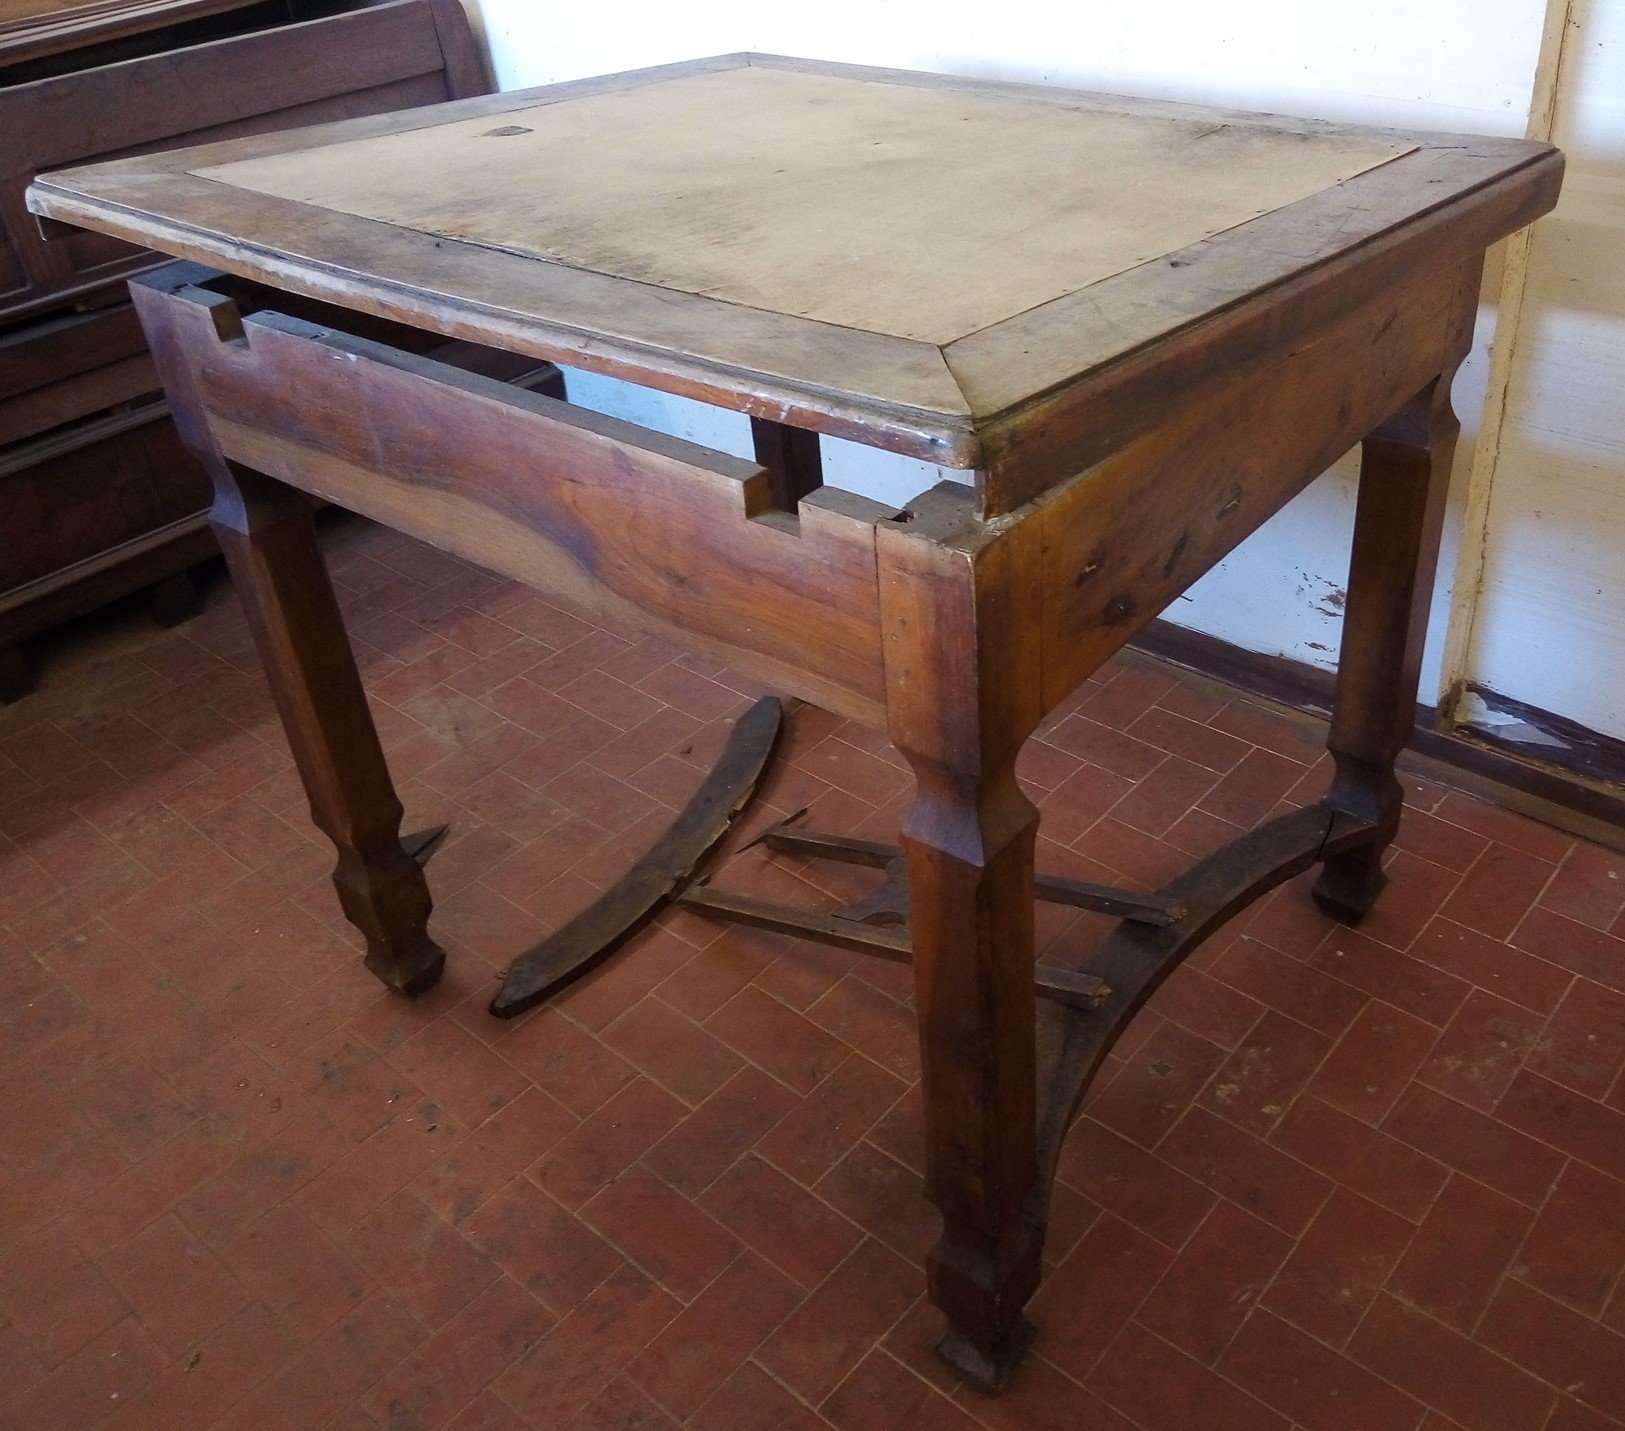 Restyling tavolo noce ricostruzione piano fasce prolunghe castagno Sant'Arsenio Salerno